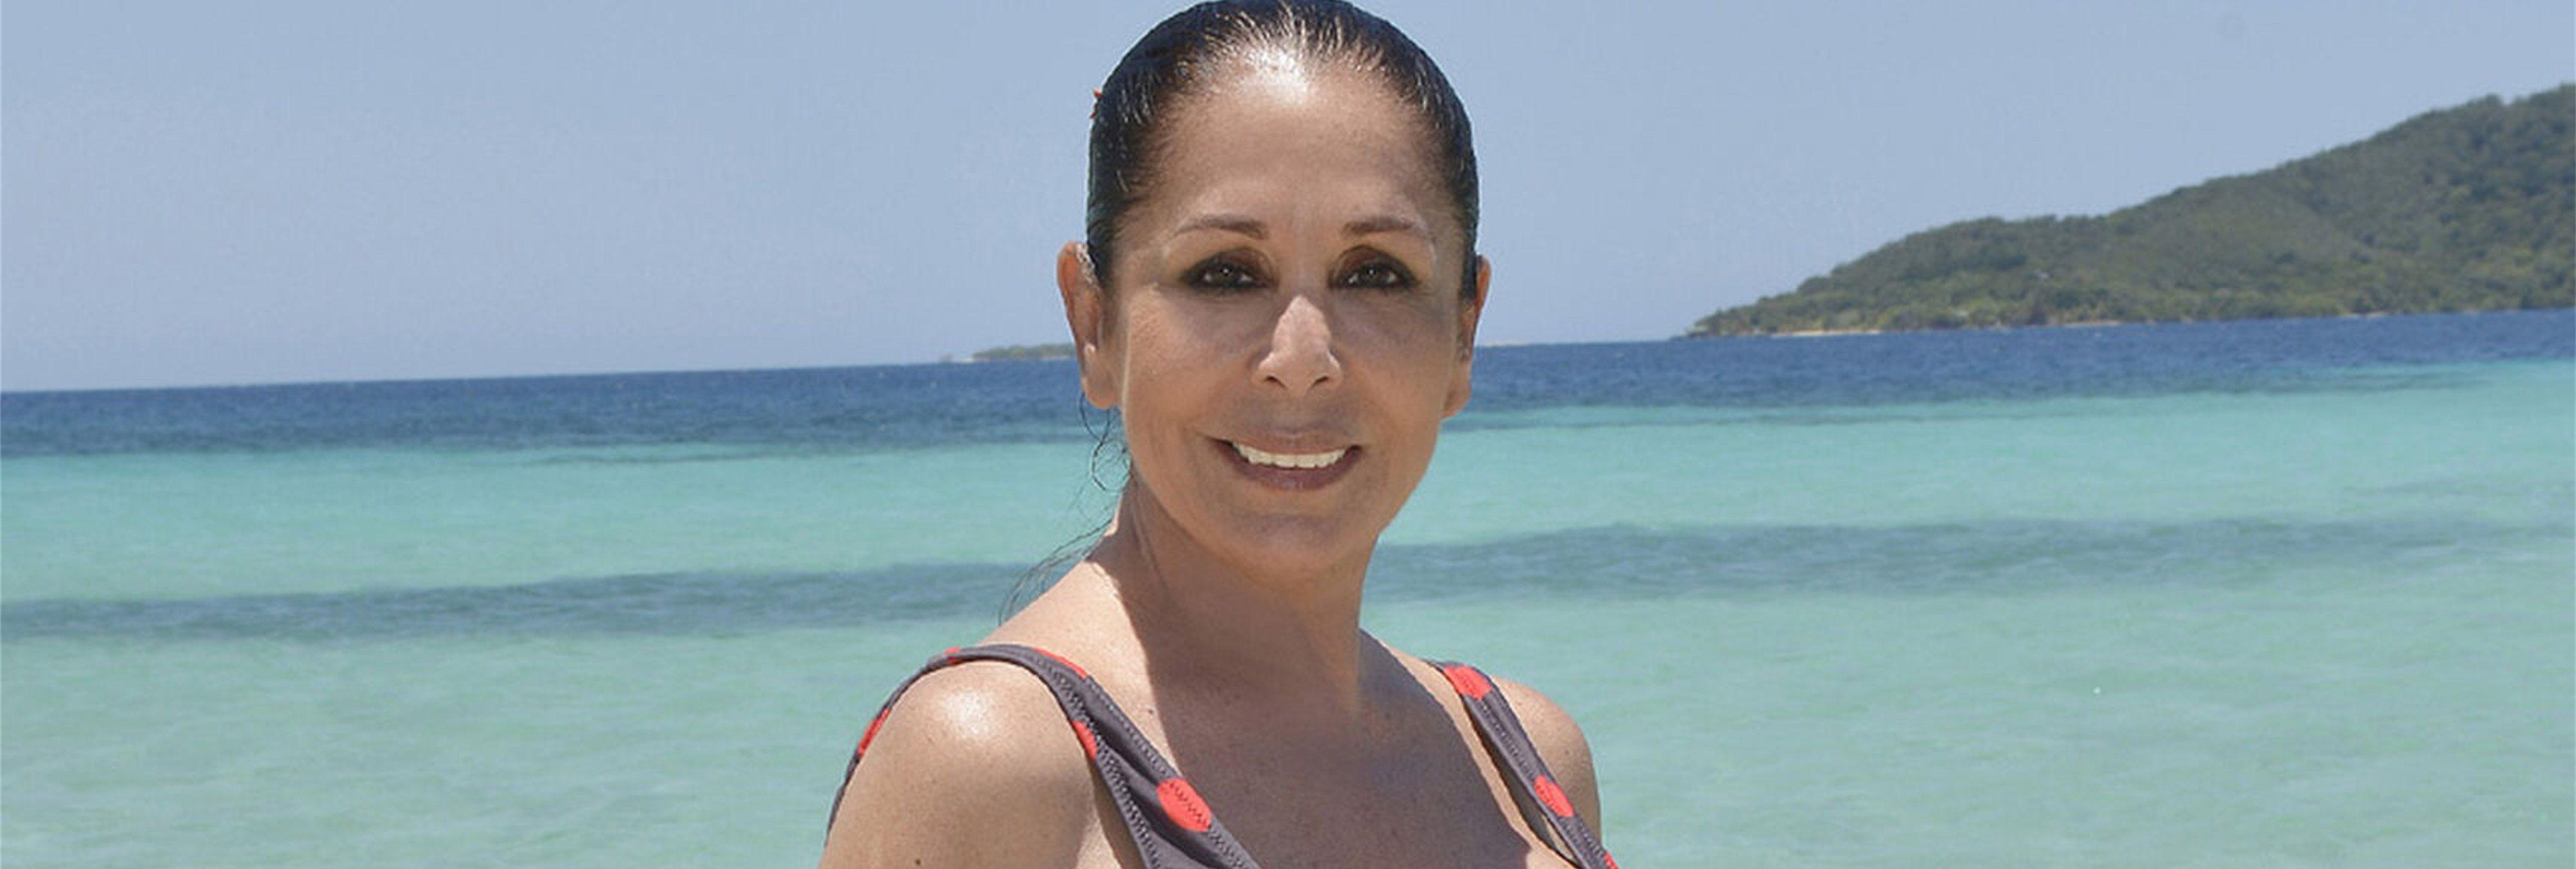 El dineral que Isabel Pantoja se habría embolsado por participar en 'Supervivientes'